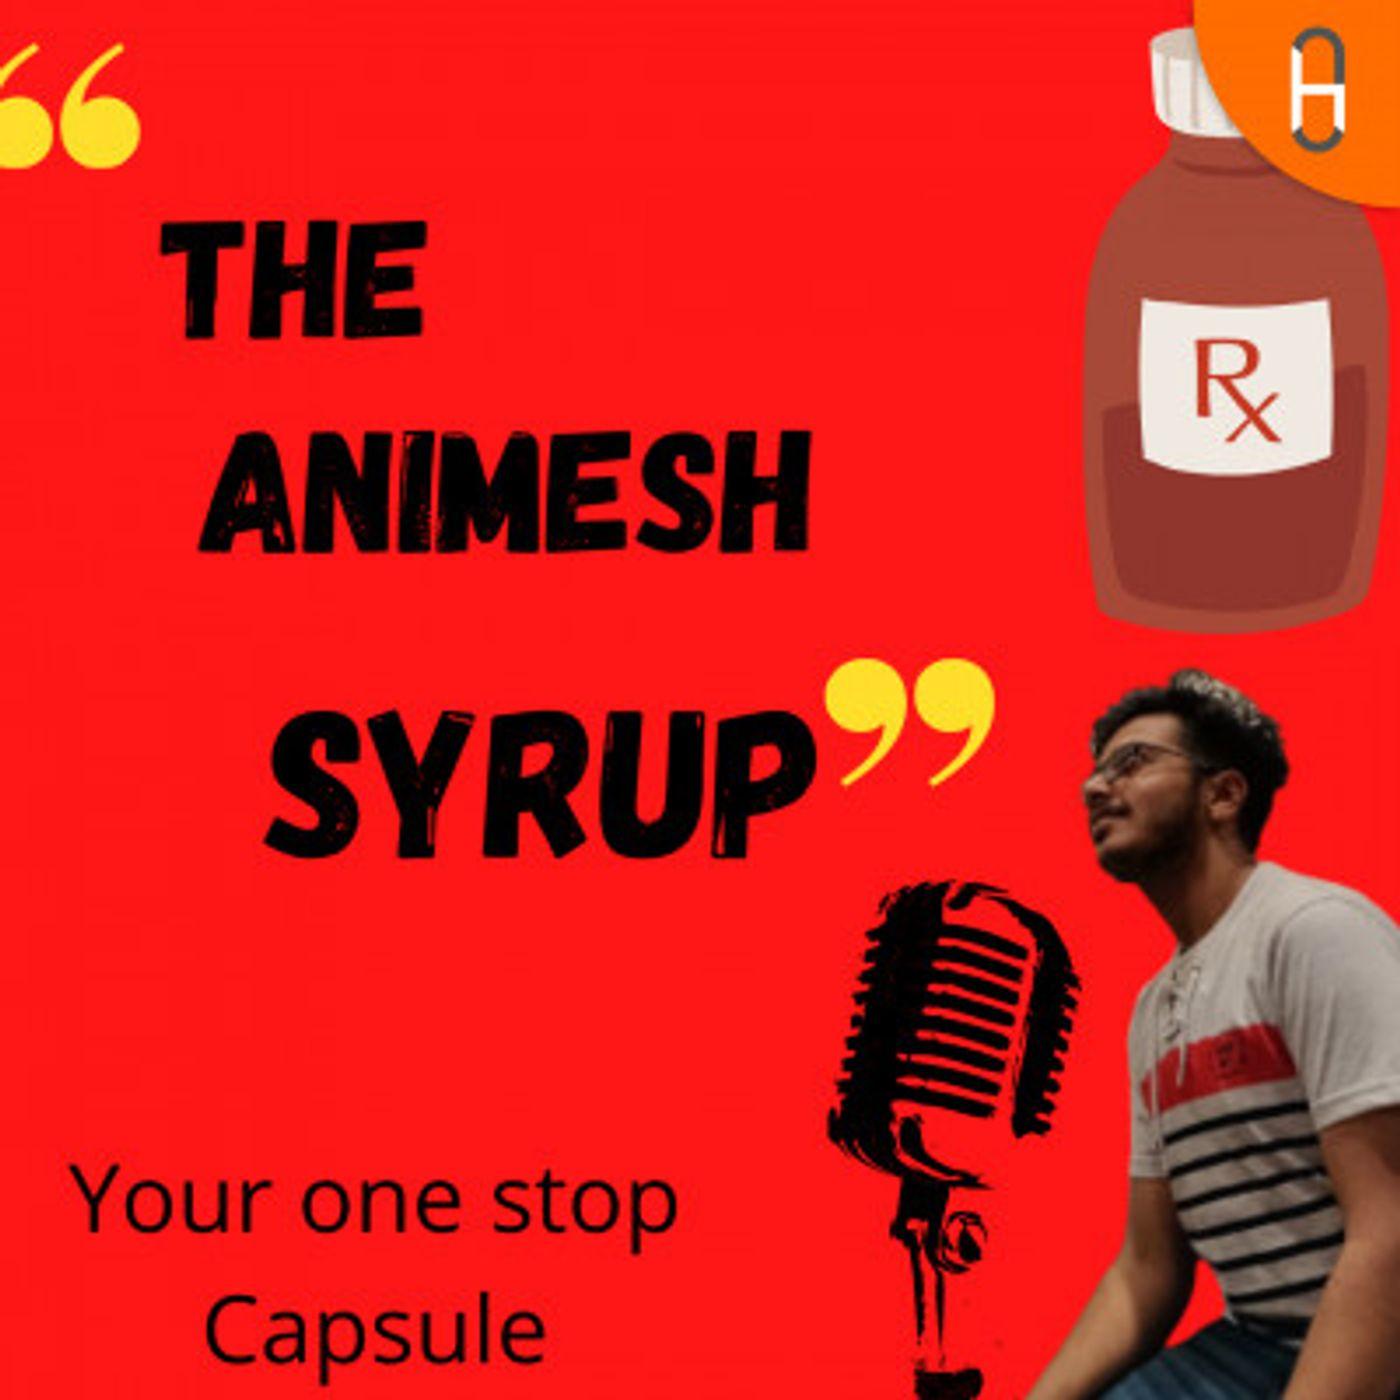 Animesh's Syrup